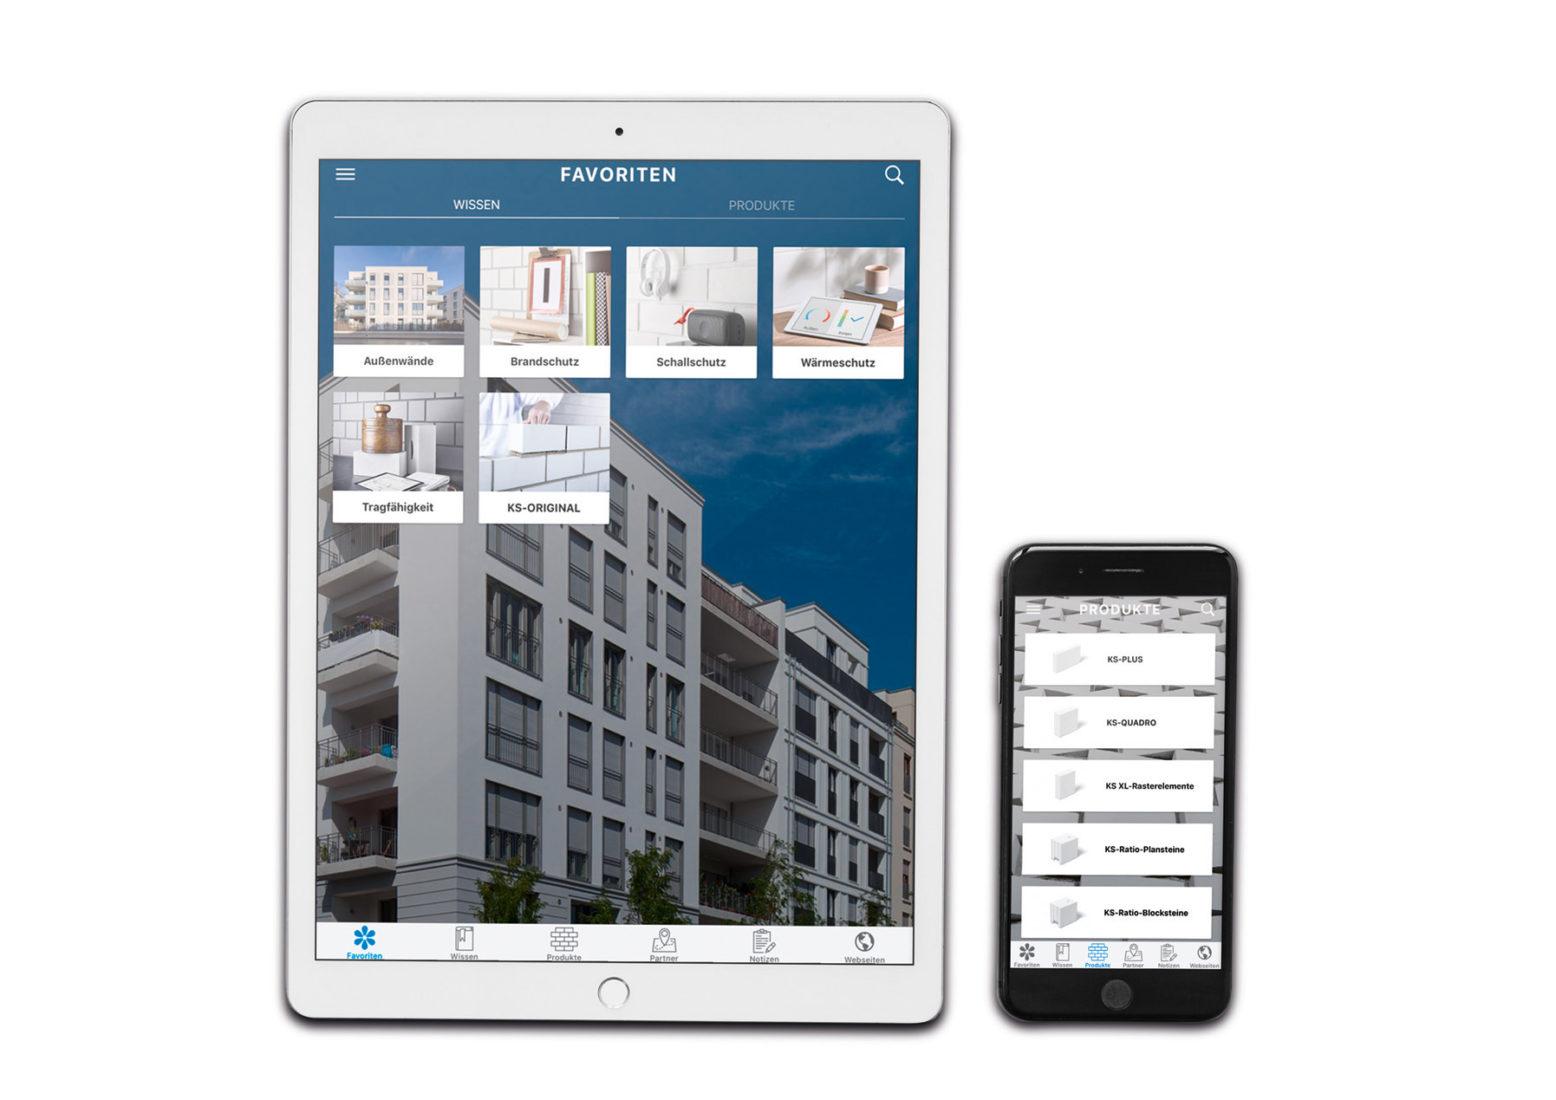 Die neue KS-App bietet nützliche Informationenrund um das Bauen mit Kalksandstein. Bild: KS-Original GmbH